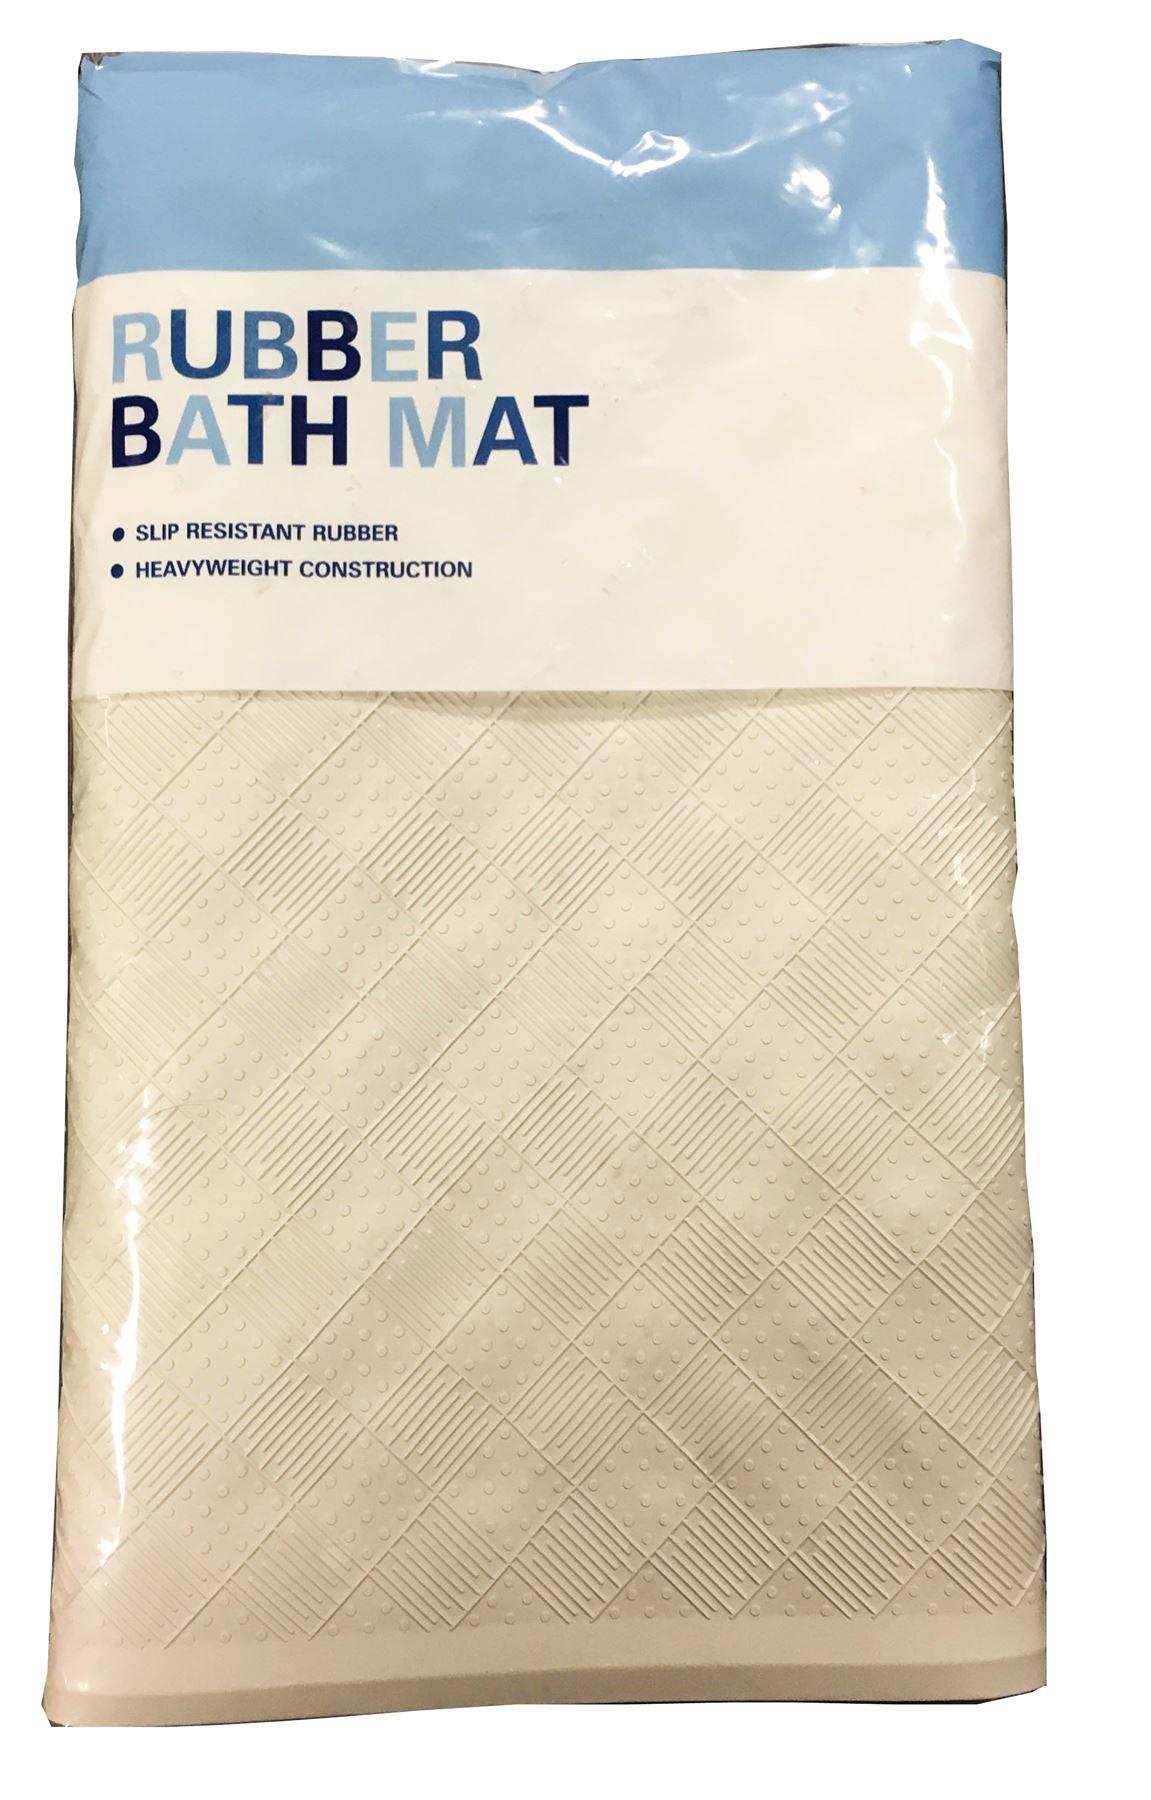 Croydex Rubber Grip Safety Non Slip White Bath Mat Ebay